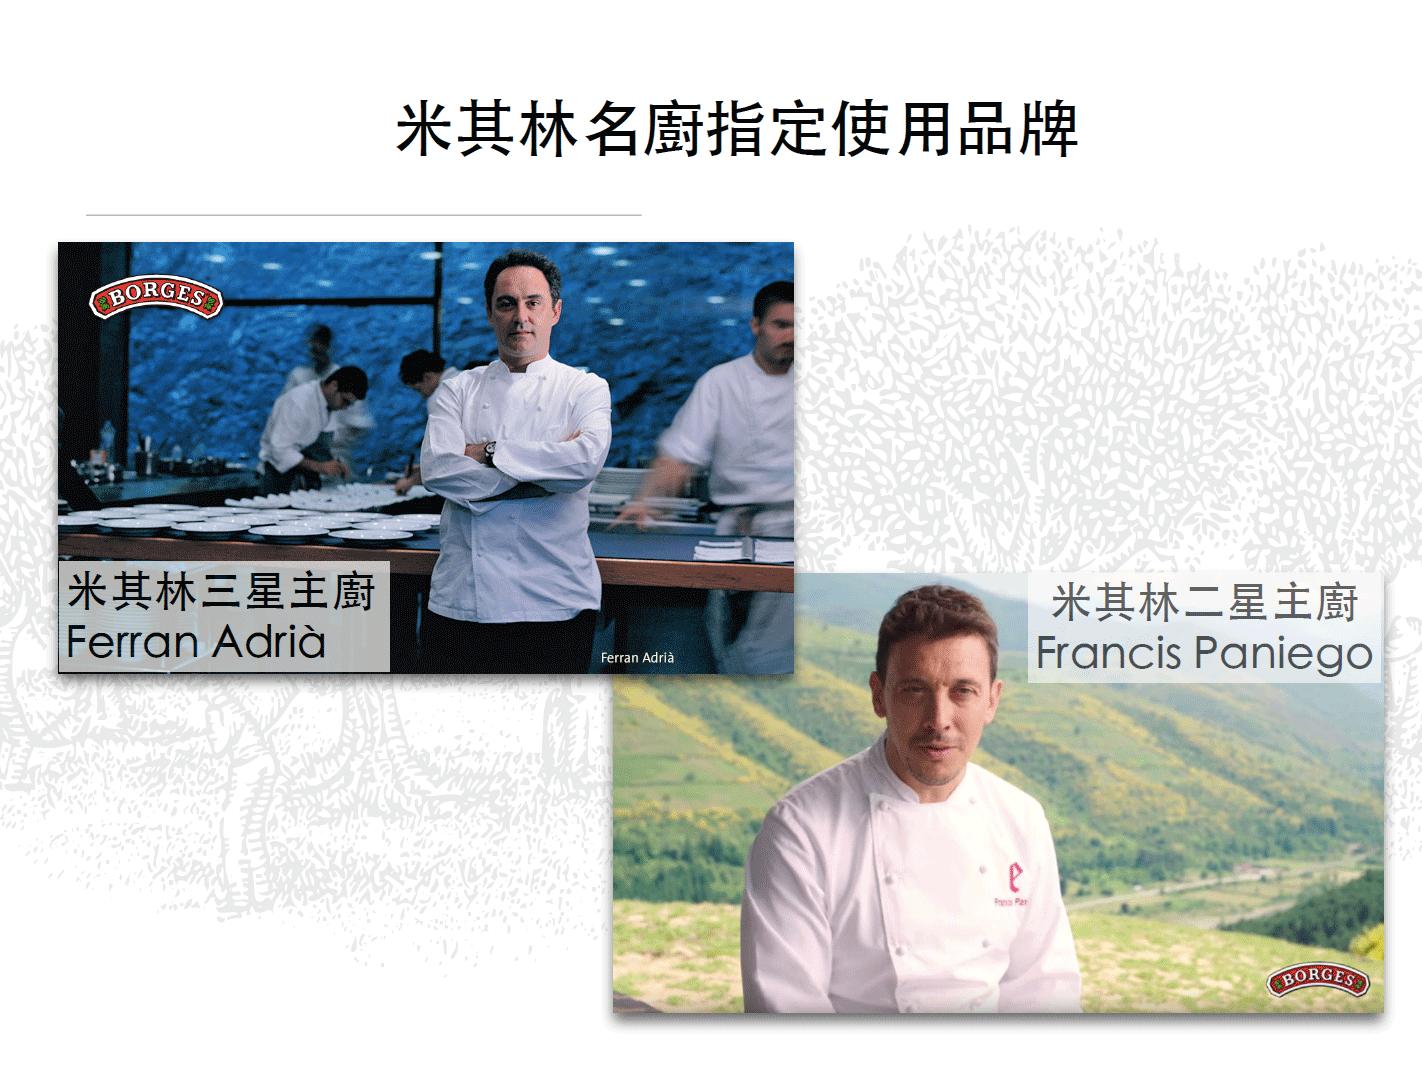 米其林主廚指定使用品牌